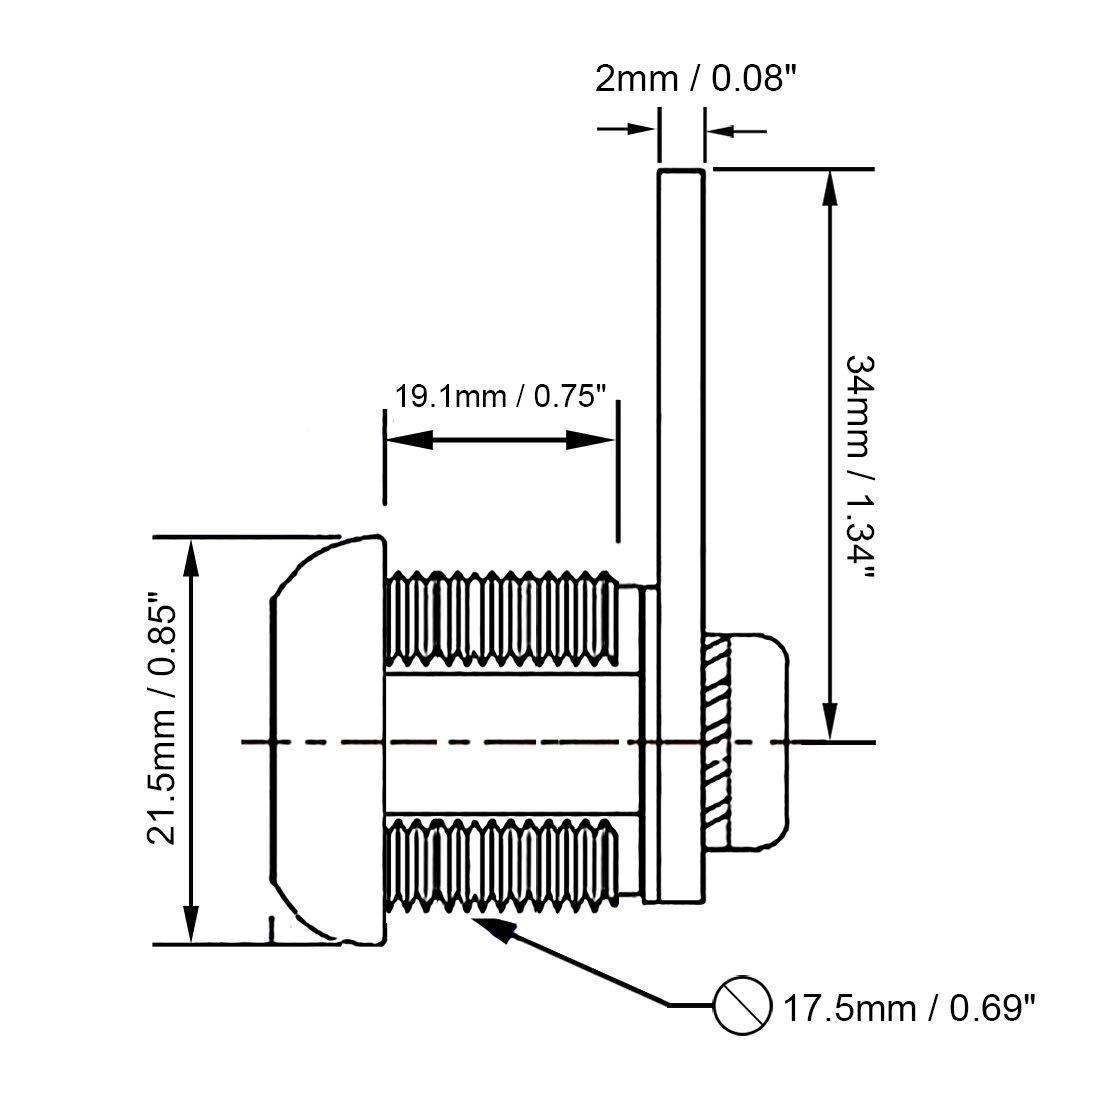 20mm Cylindre Zinc Alliage Chrome Finition Tubulaire serrure /à came cl/és diff/érente